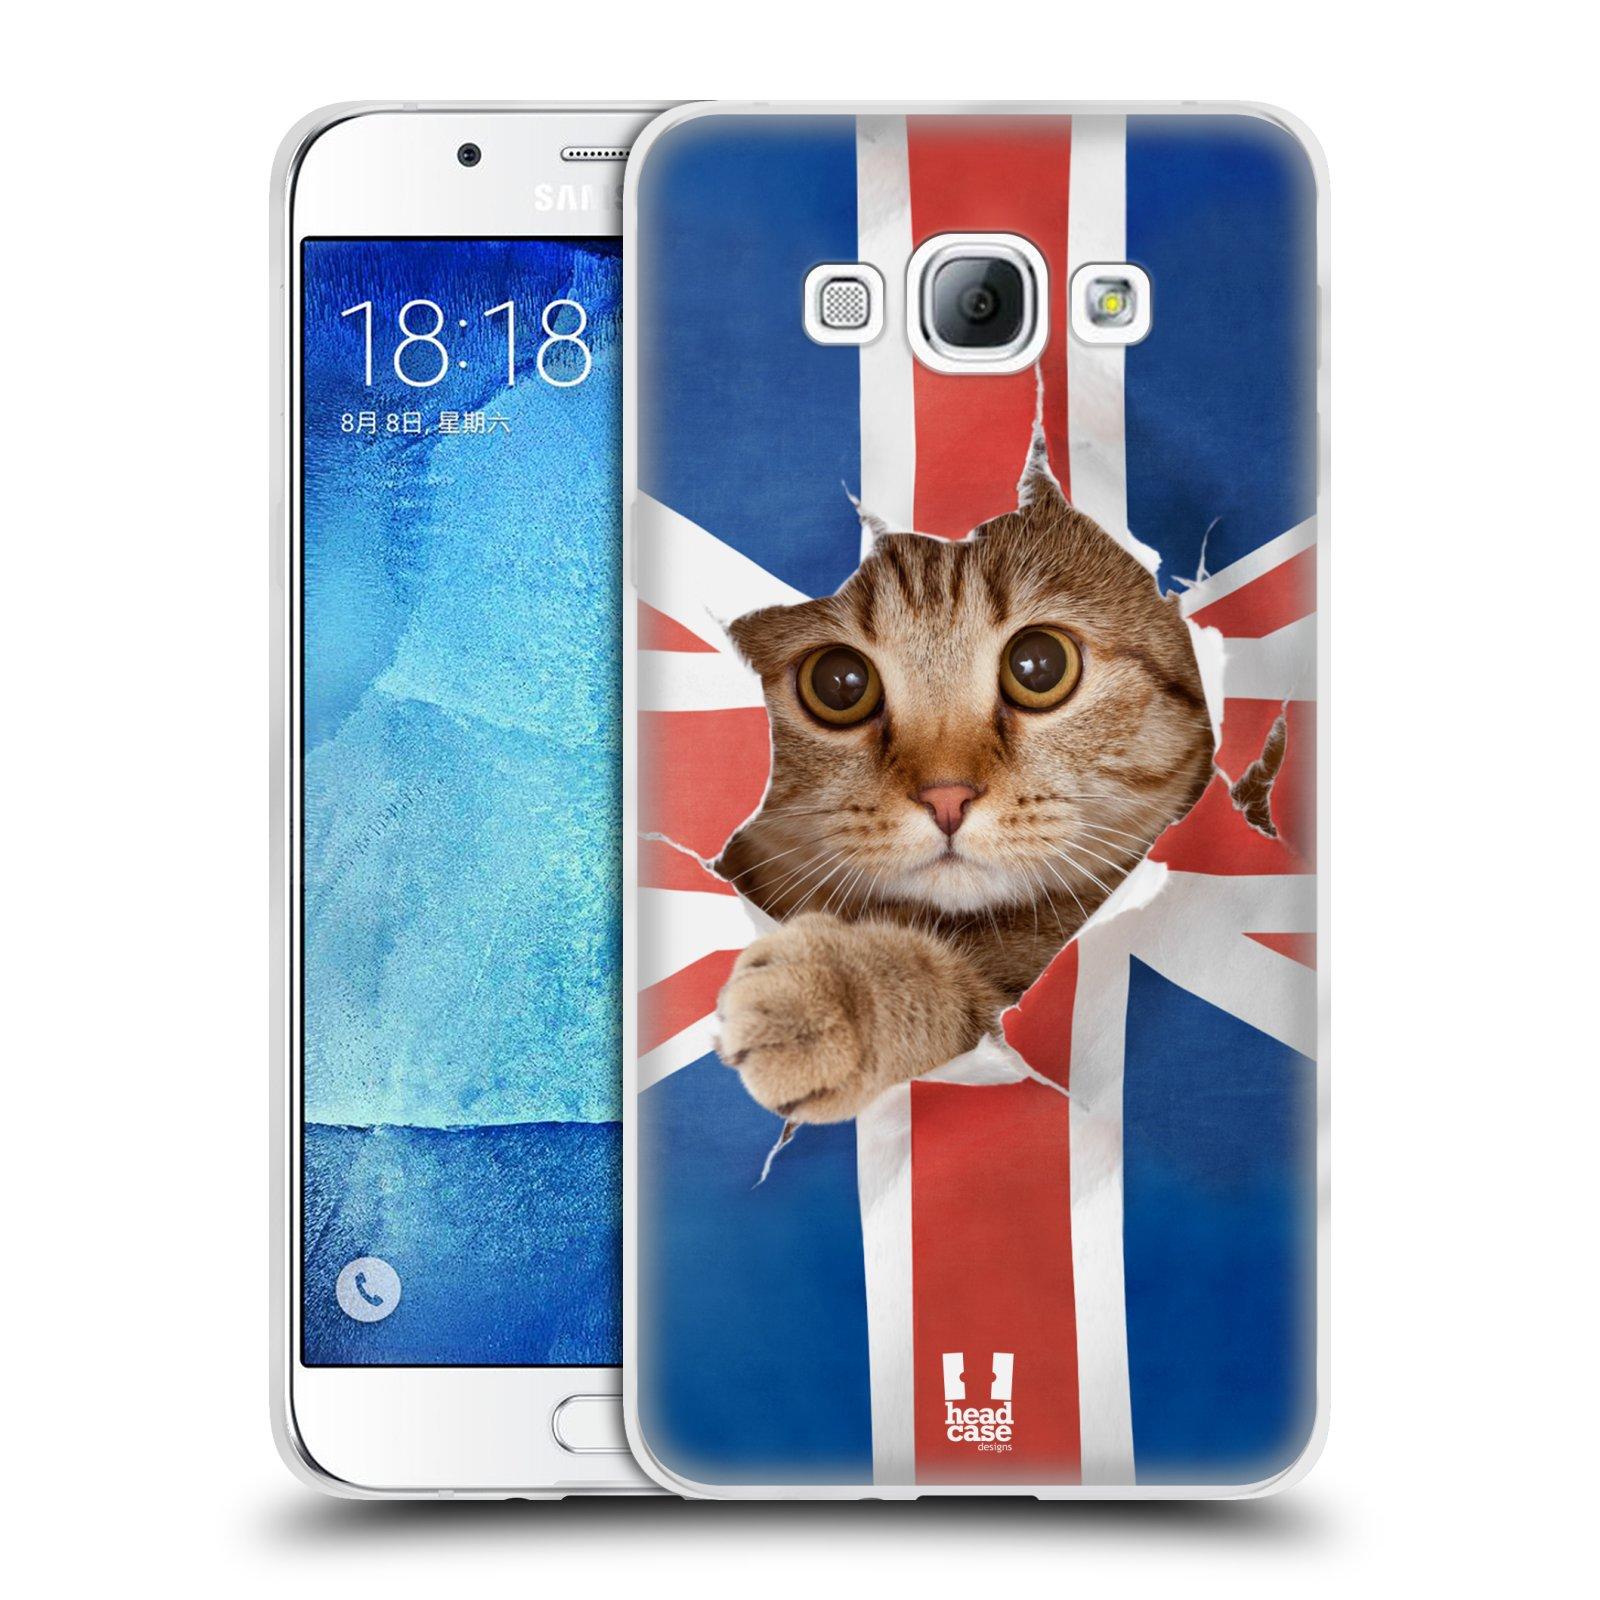 HEAD CASE silikonový obal na mobil Samsung Galaxy A8 vzor Legrační zvířátka kočička a Velká Británie vlajka